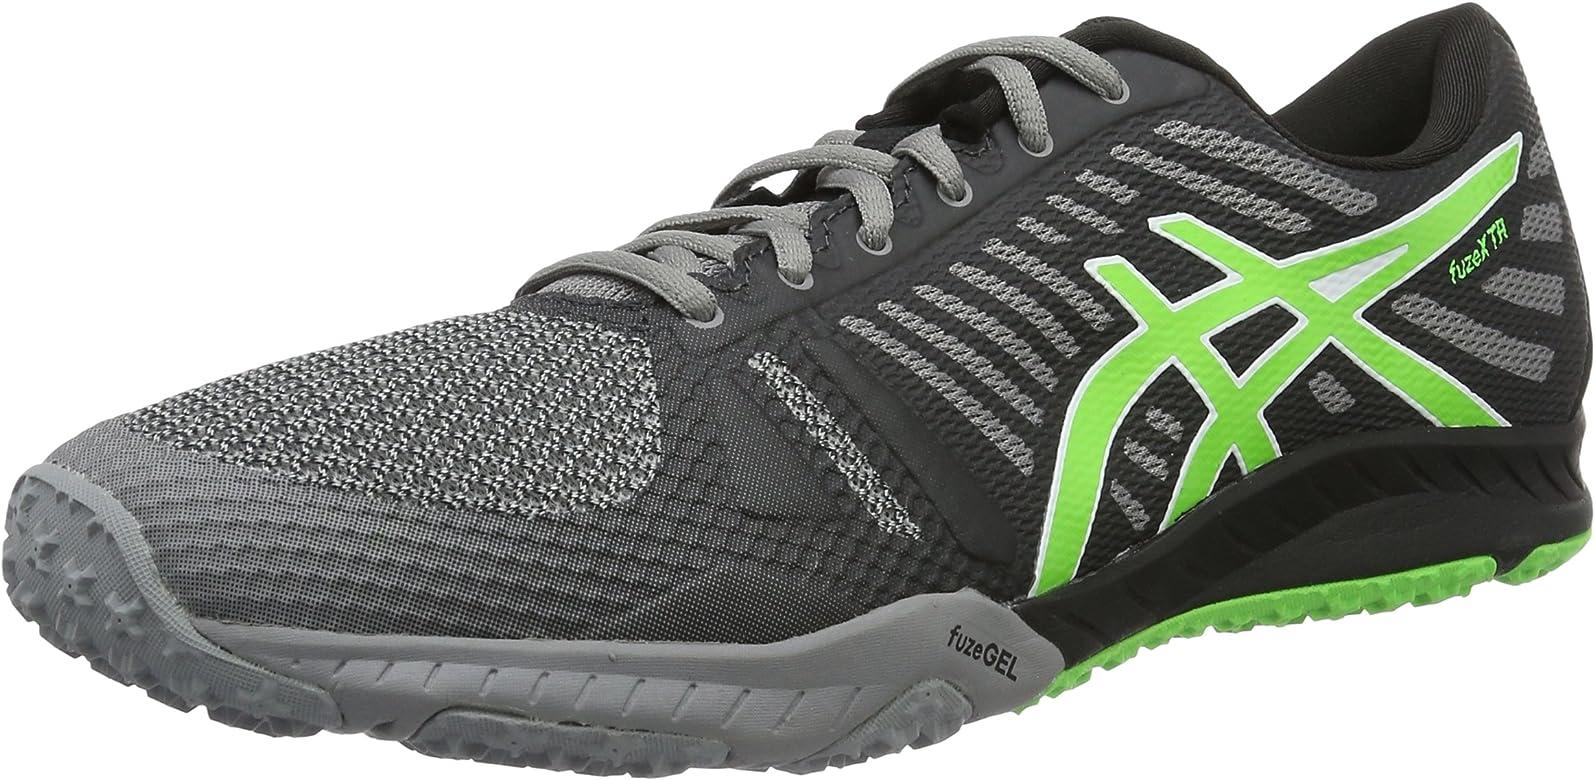 Asics fuzeX TR, Zapatillas de Running para Hombre, Gris (Grau/grün), 42.5 EU: Amazon.es: Zapatos y complementos